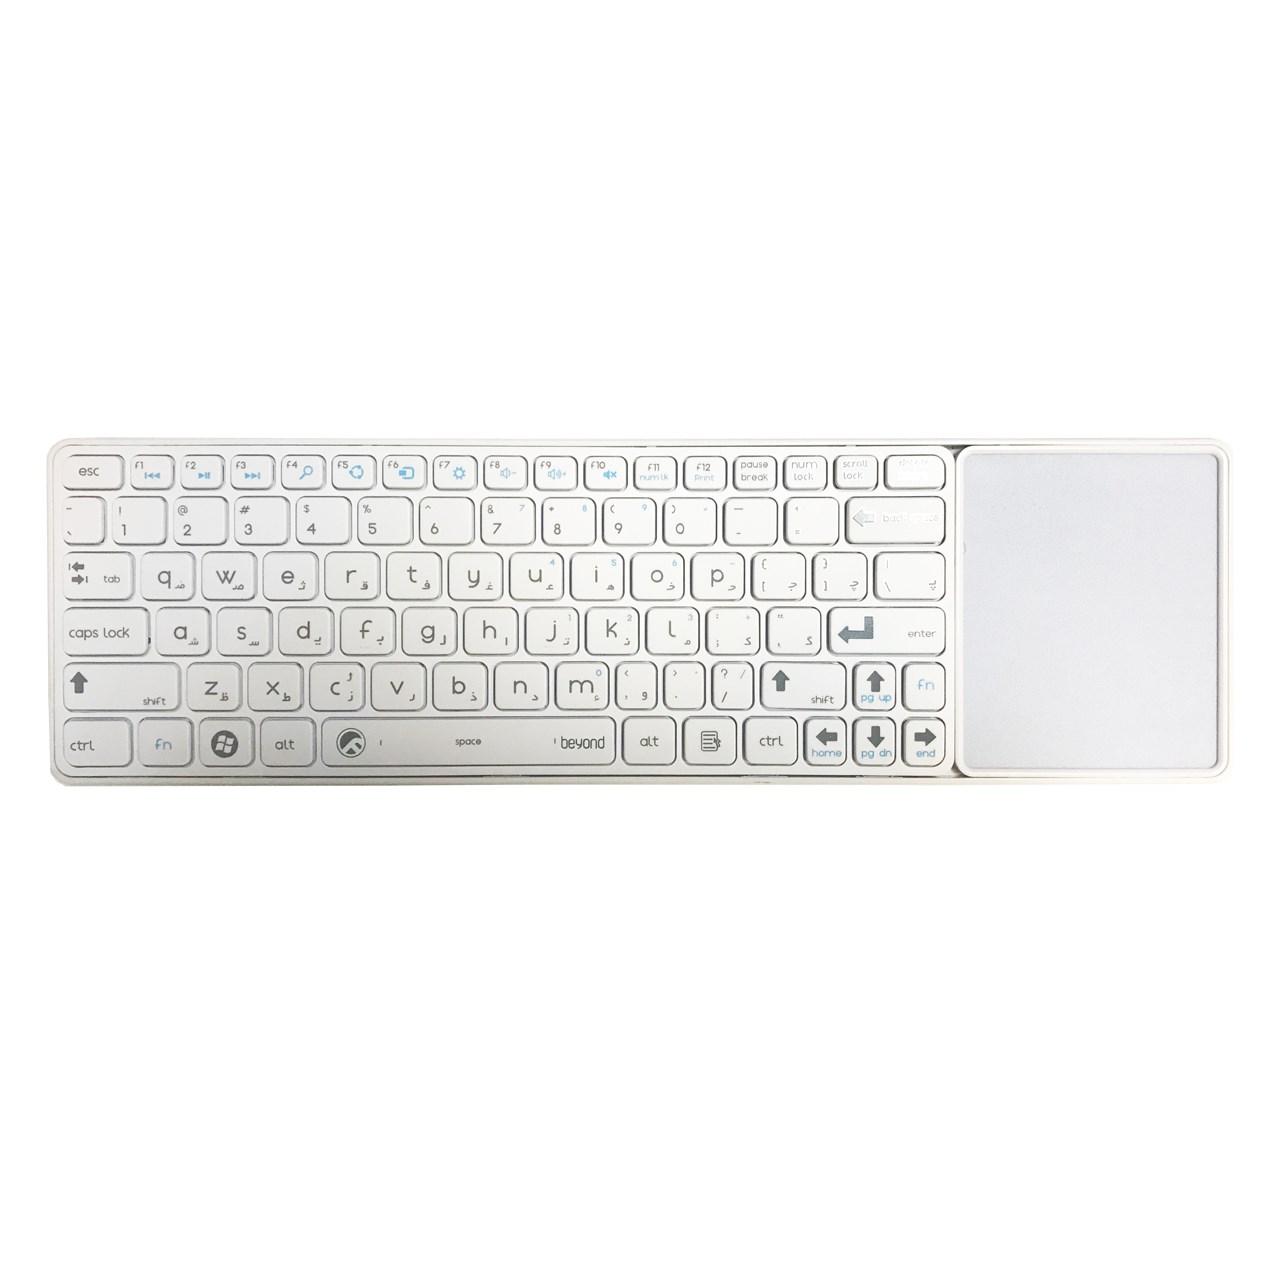 کیبورد بی سیم و مجهز به تاچ پد بیاند مدل FCR-6800 با حروف فارسی